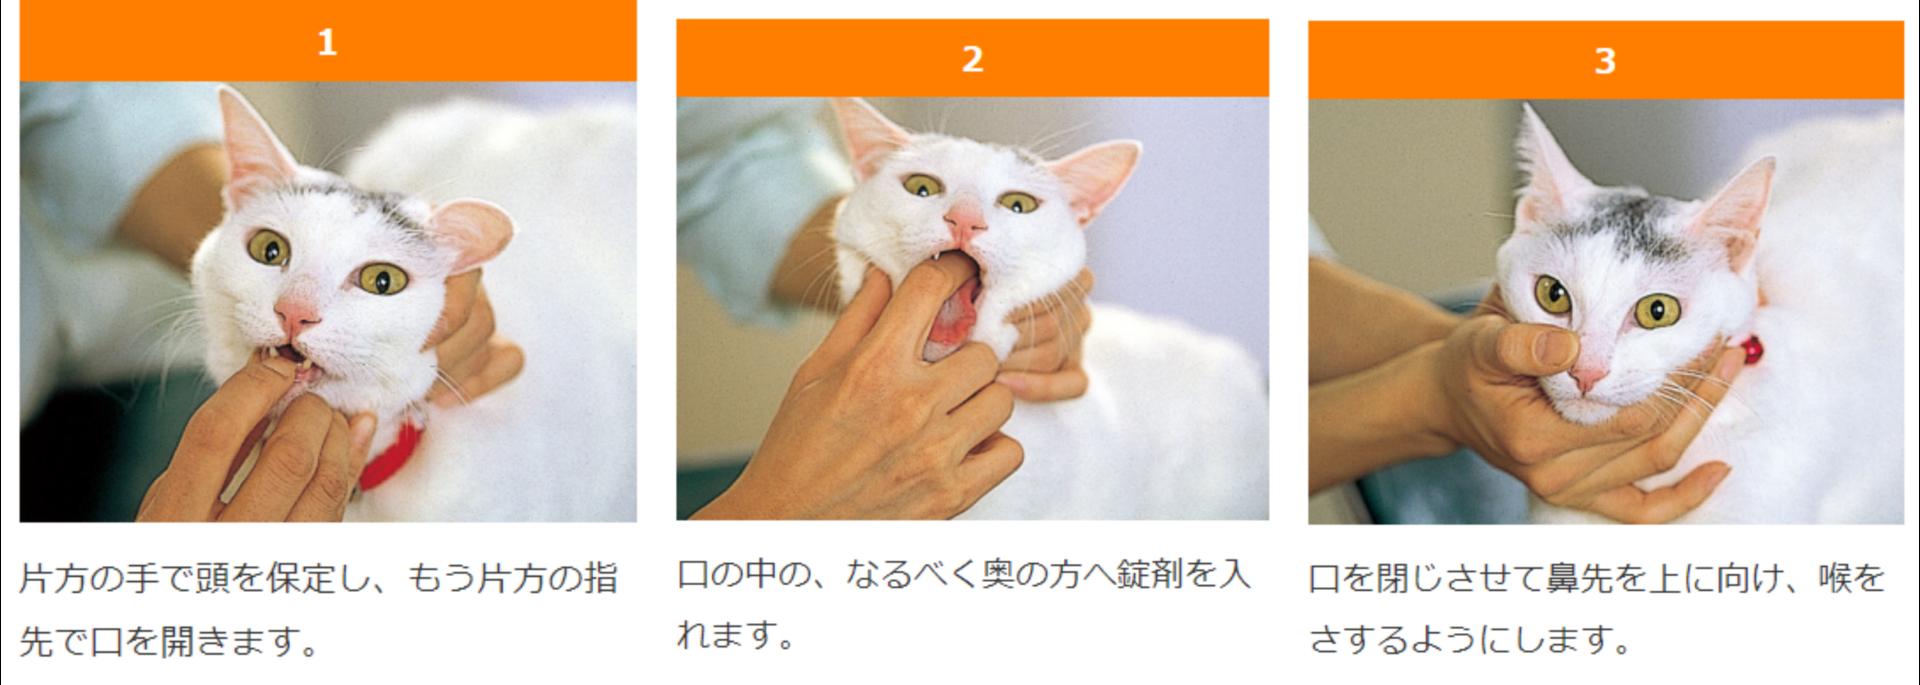 3連結水平目猫薬錠剤の飲ませ方-side.PNG